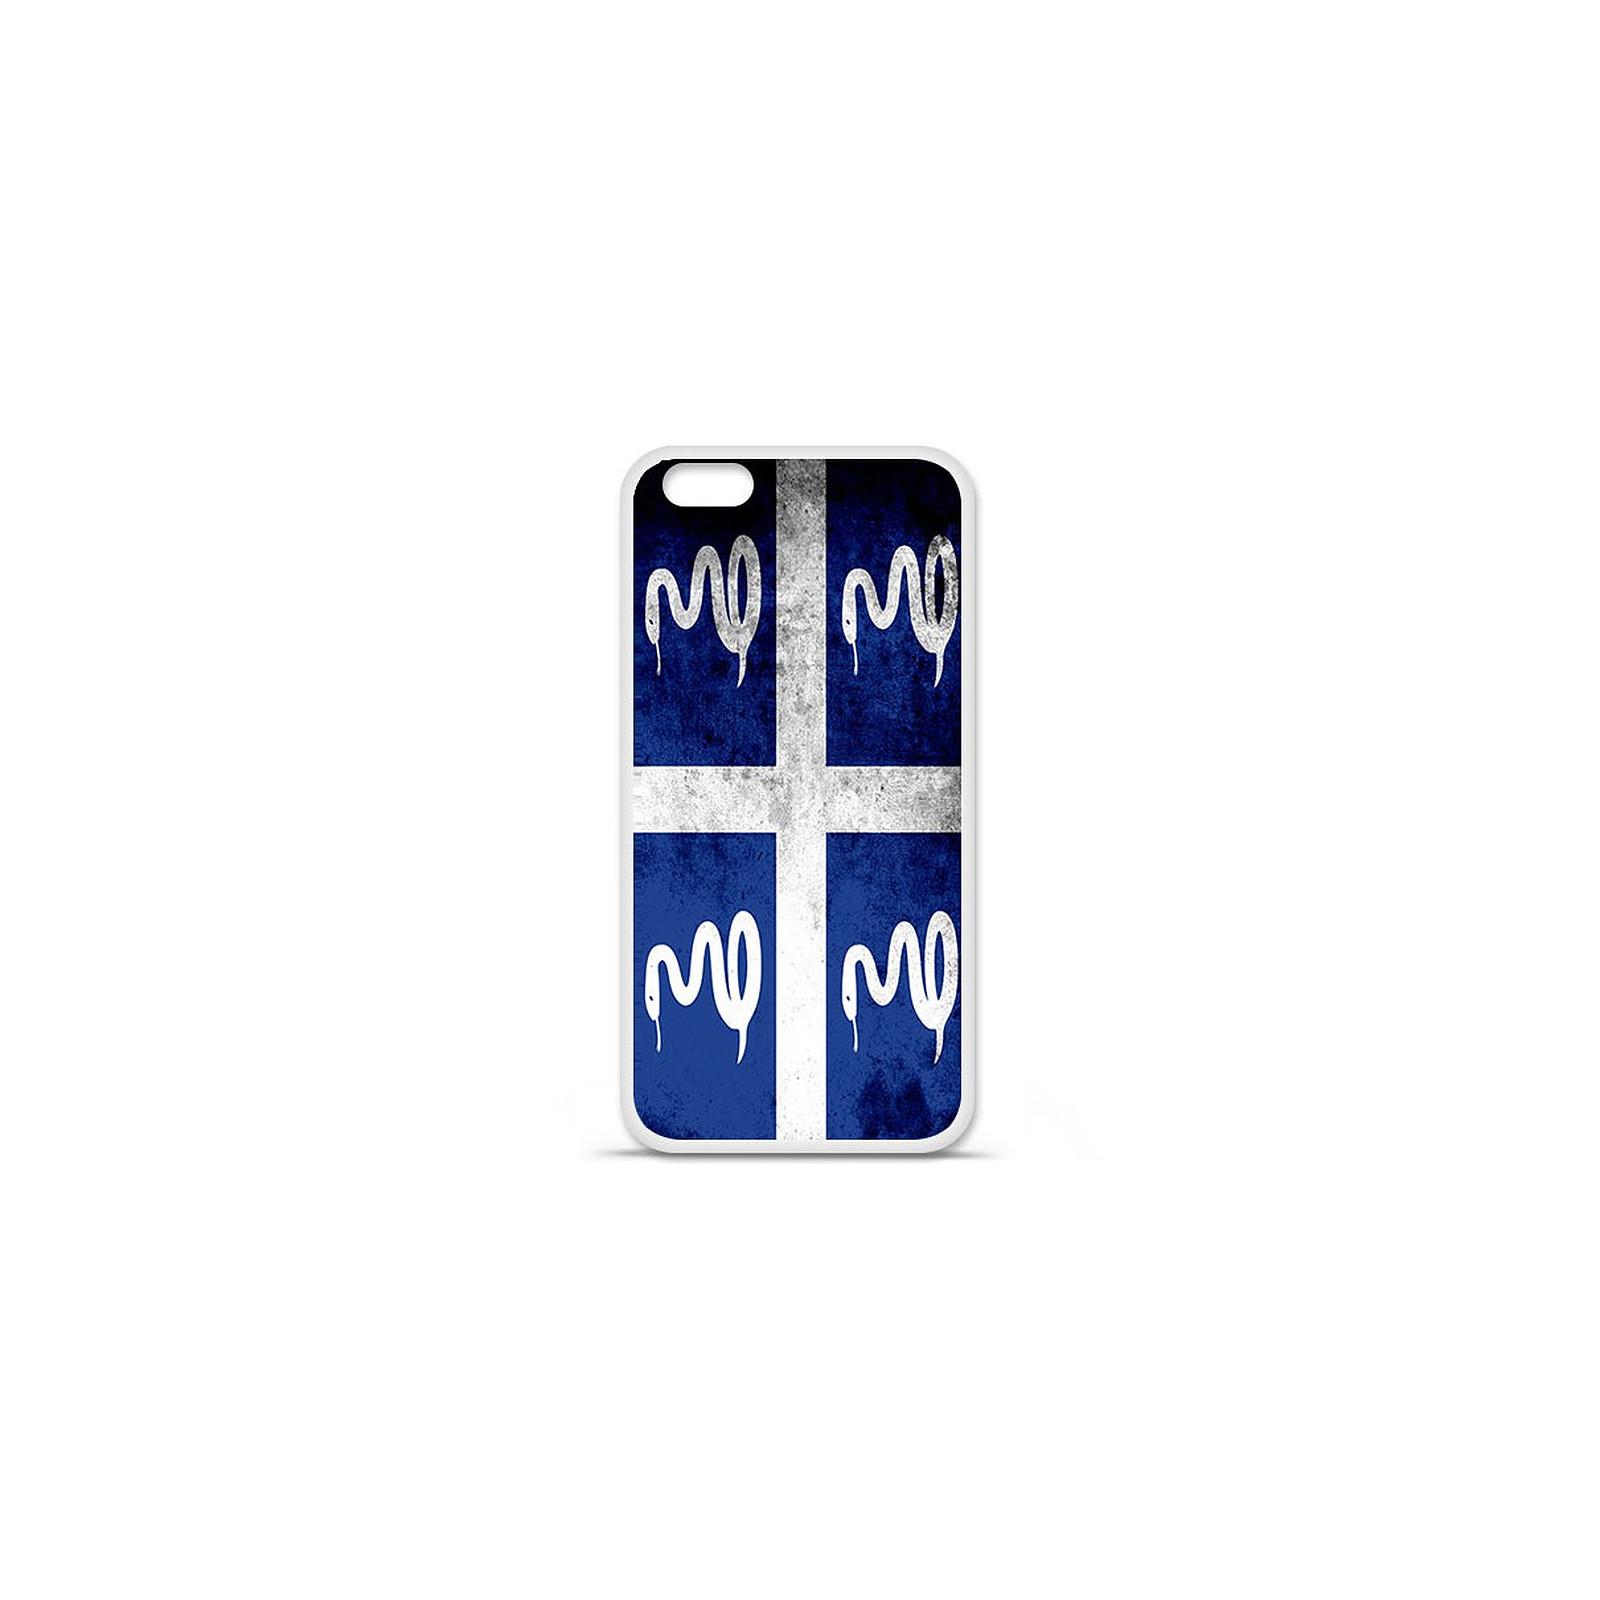 1001 Coques Coque silicone gel Apple IPhone 7 Plus motif Drapeau Martinique